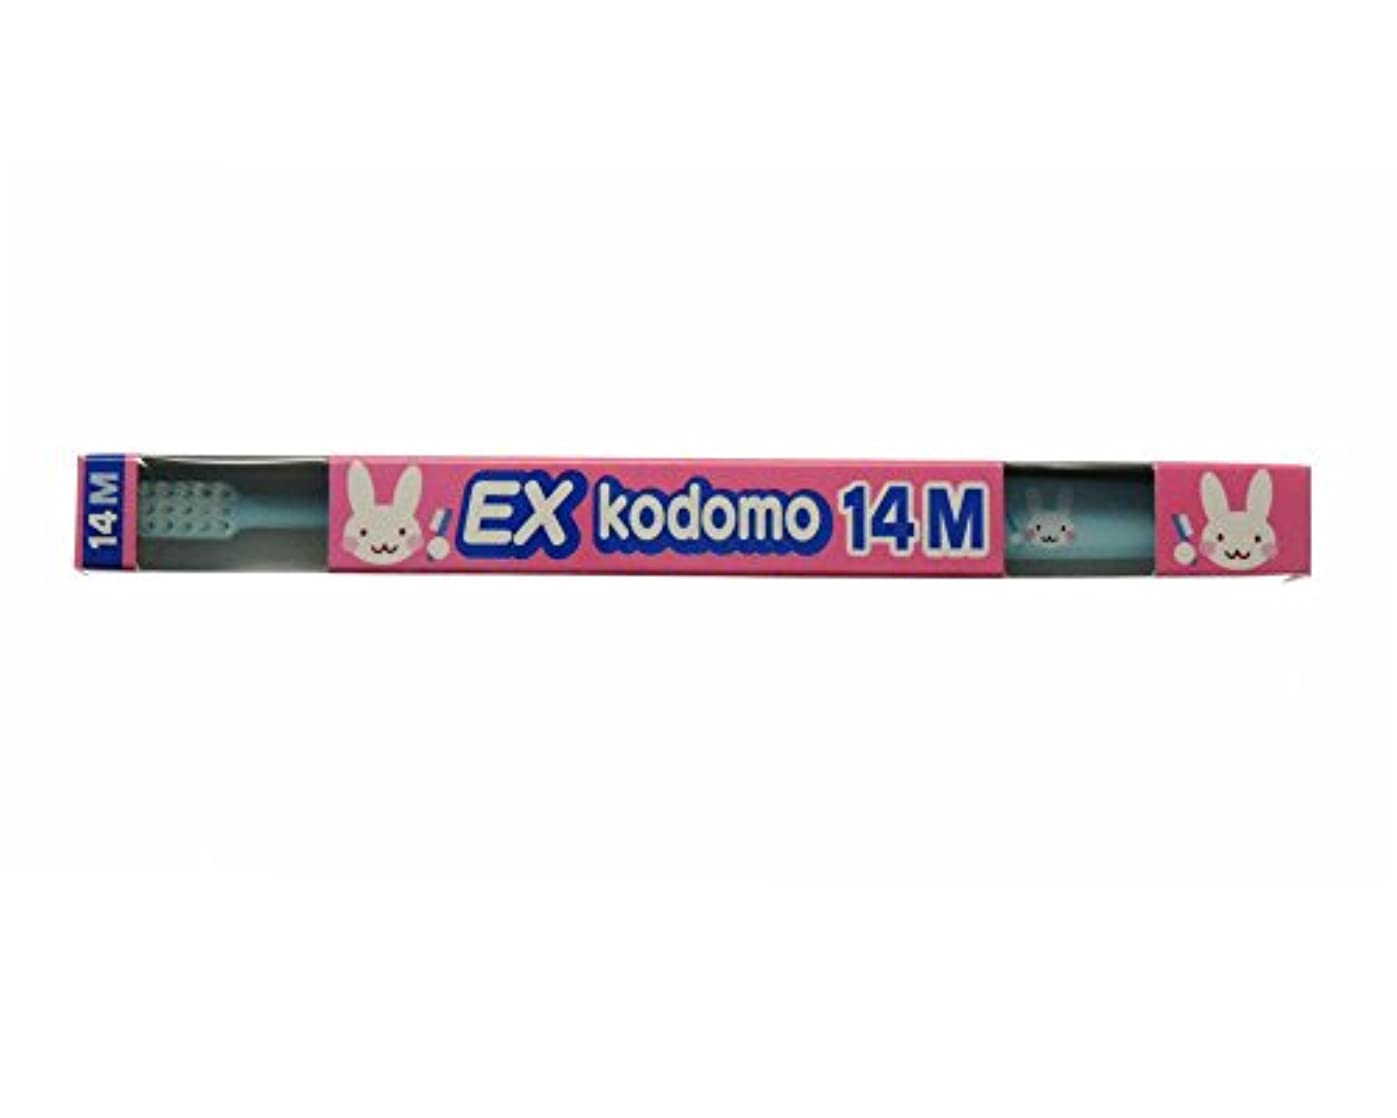 うま探検欠員ライオン コドモ DENT.EX kodomo 1本 14M ブルー (仕上げ磨き用?0?6歳)